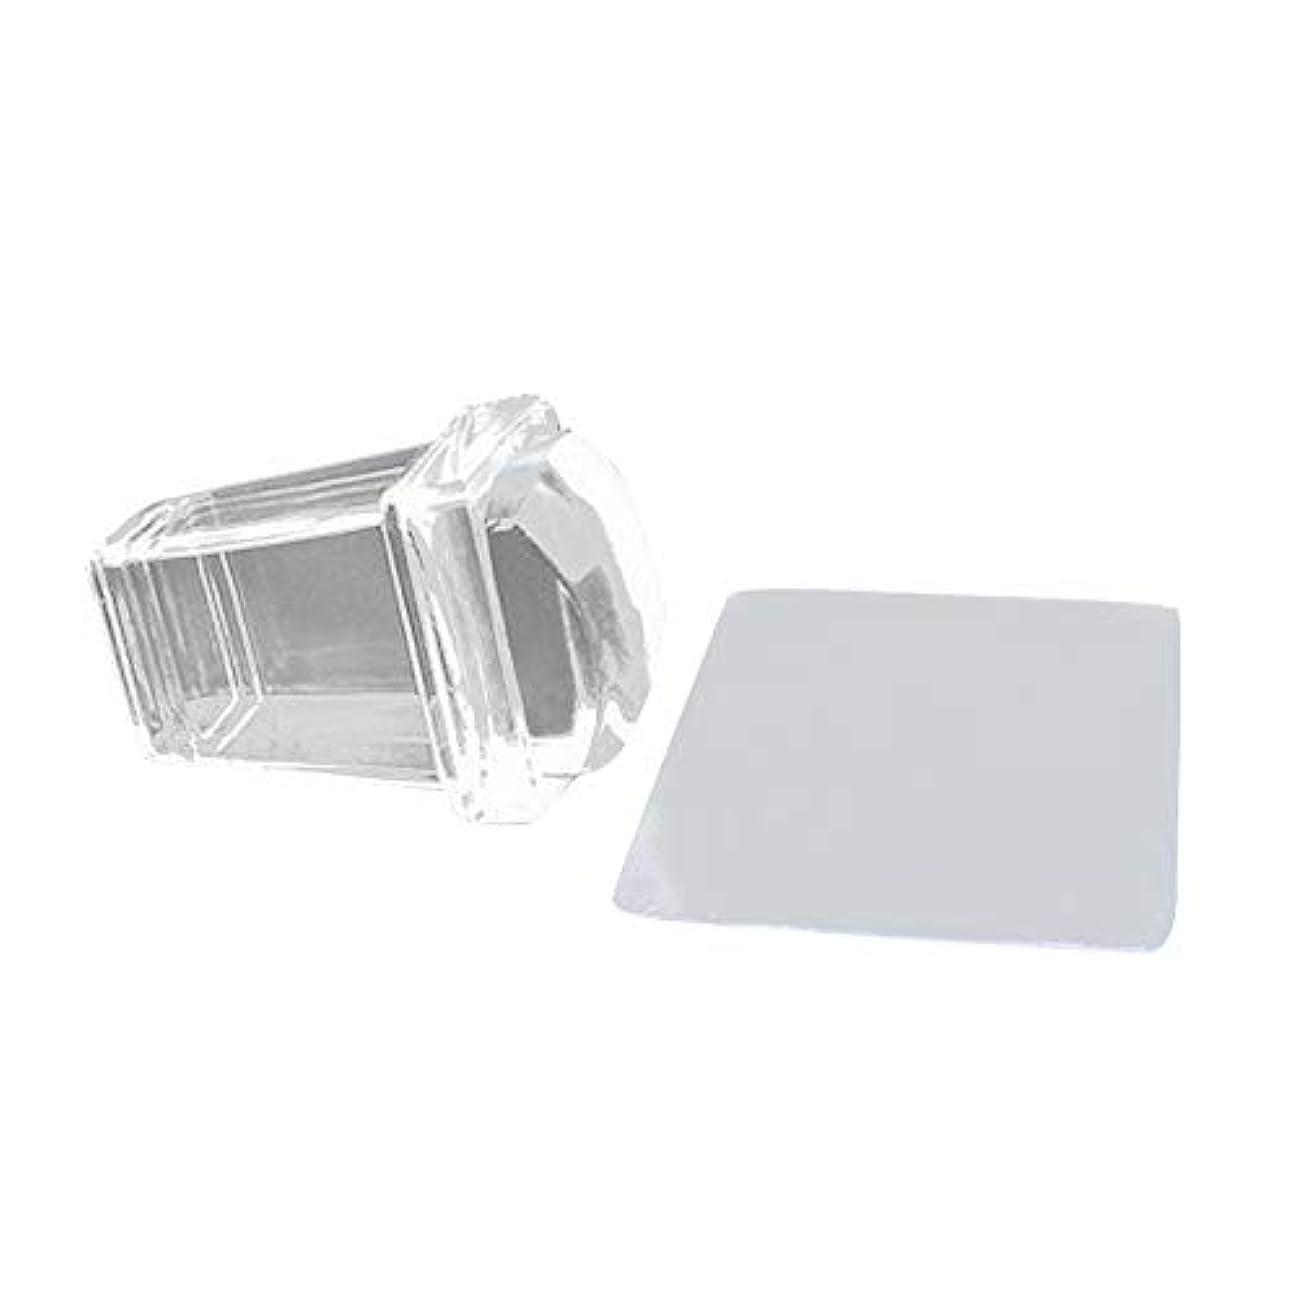 ジャム動的黙認するNrpfell 新しい純粋で透明なゼリーシリコンのネイルアートスタンパーとスクレーパーのセット、透明ポリッシュ印刷ネイルのスタンピングツール、ネイルのツール、マニキュア